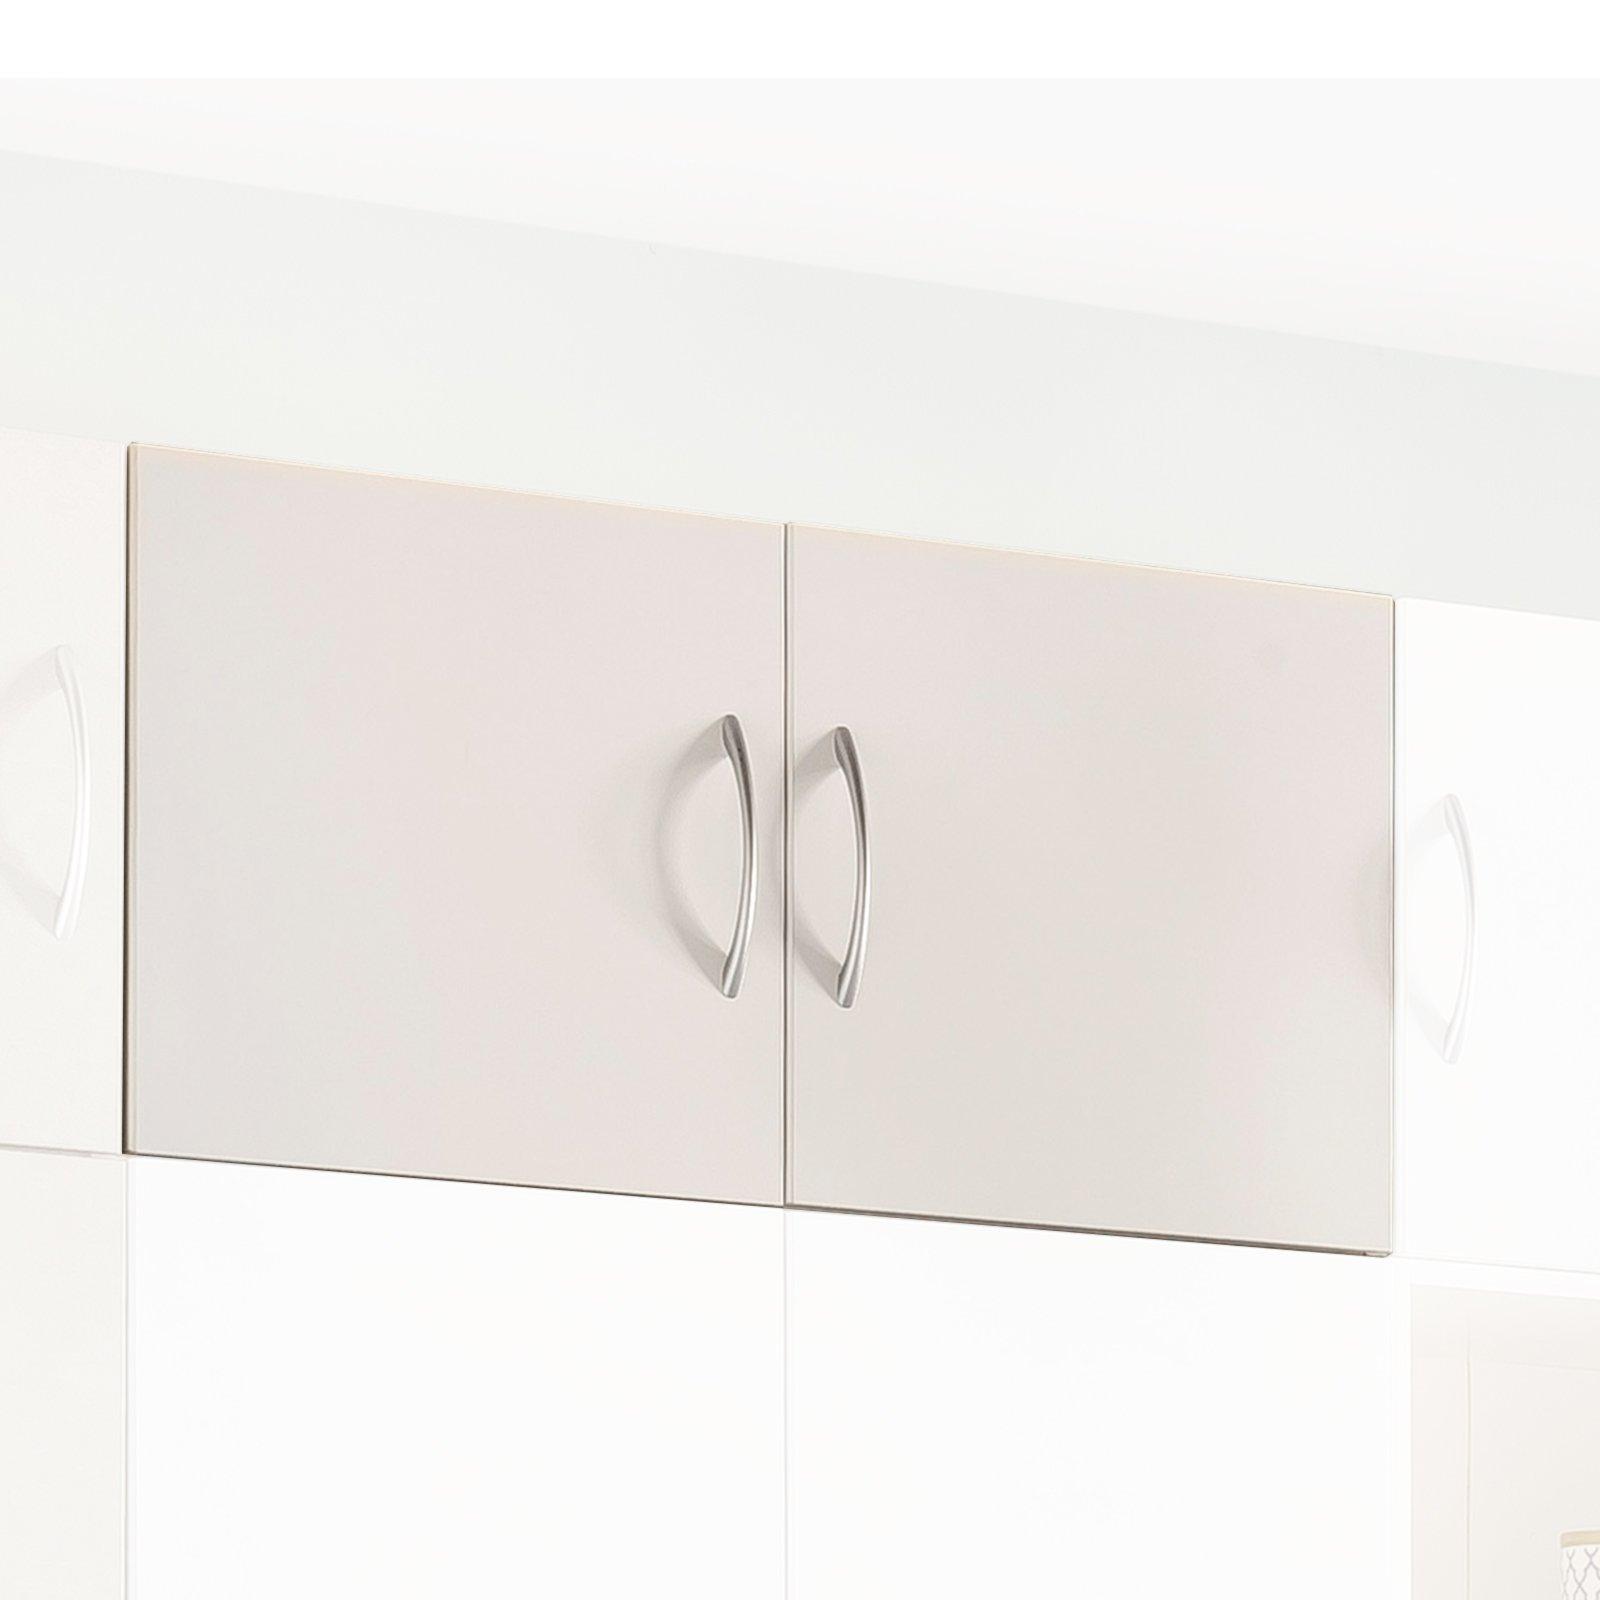 aufsatz multiraumkonzept wei 80x40x40 cm. Black Bedroom Furniture Sets. Home Design Ideas